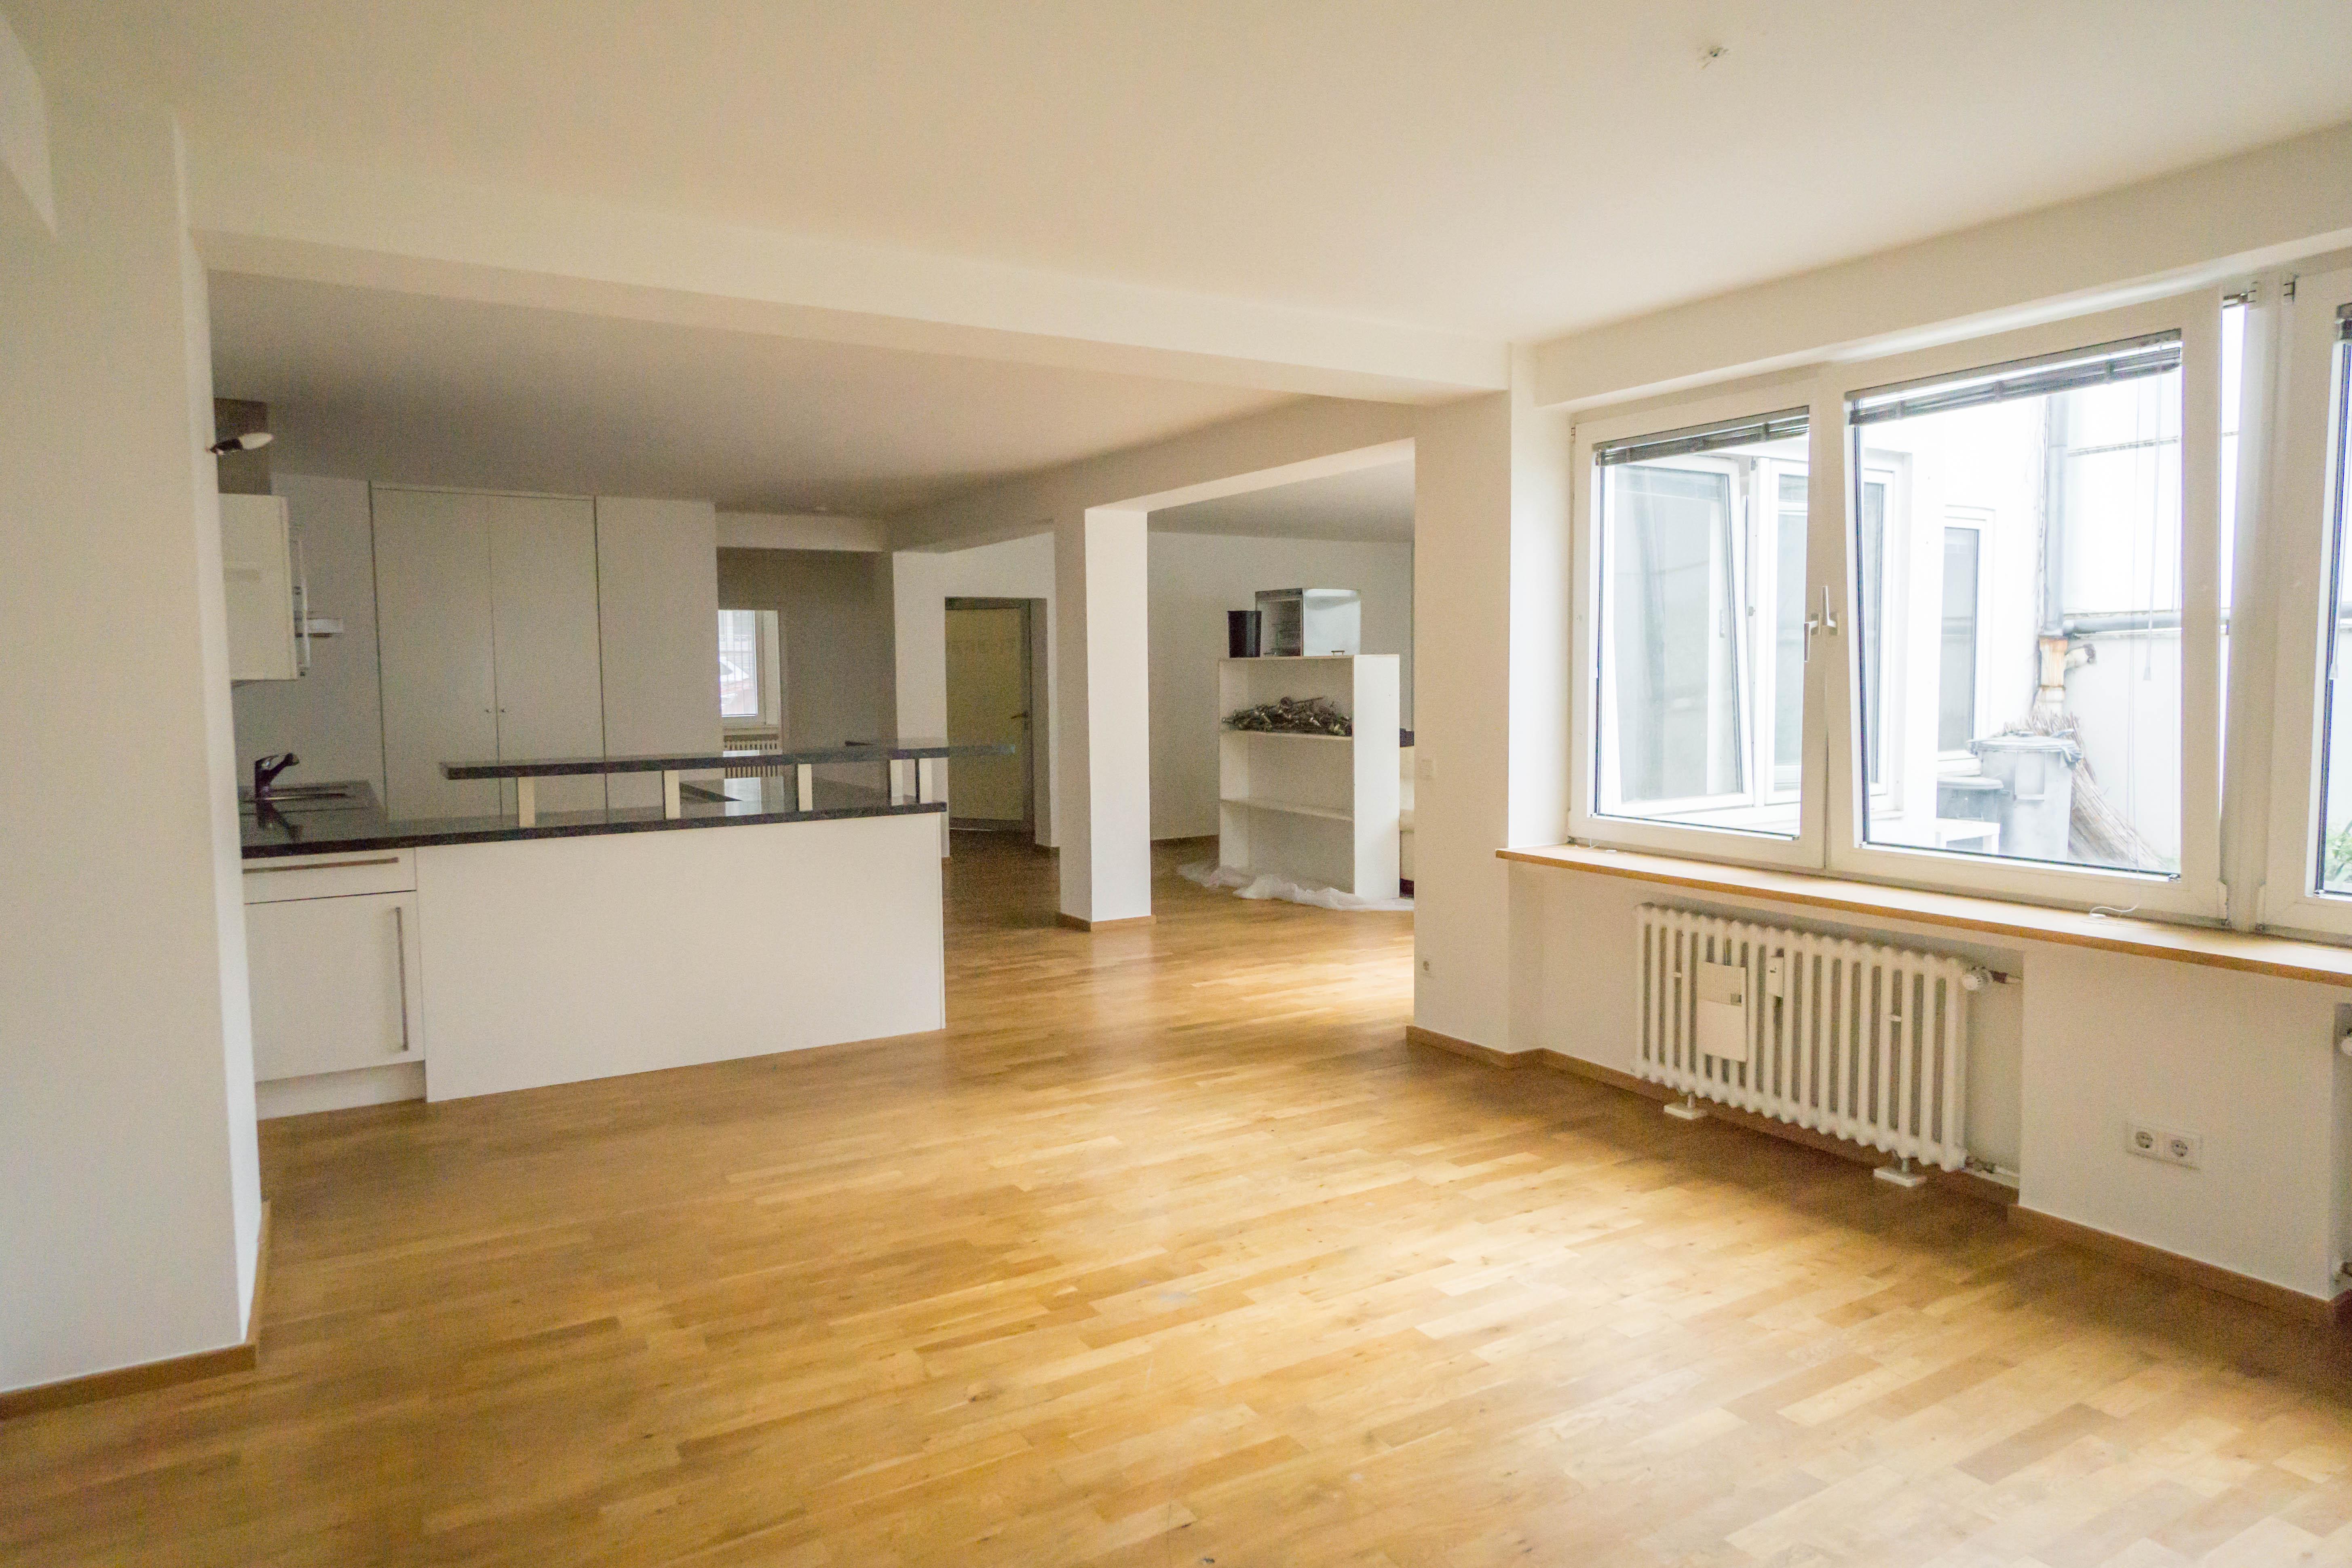 Haus im Haus - TOP-Wohnen in ruhiger und zentraler Lage in der Düsseldorfer-Innenstadt